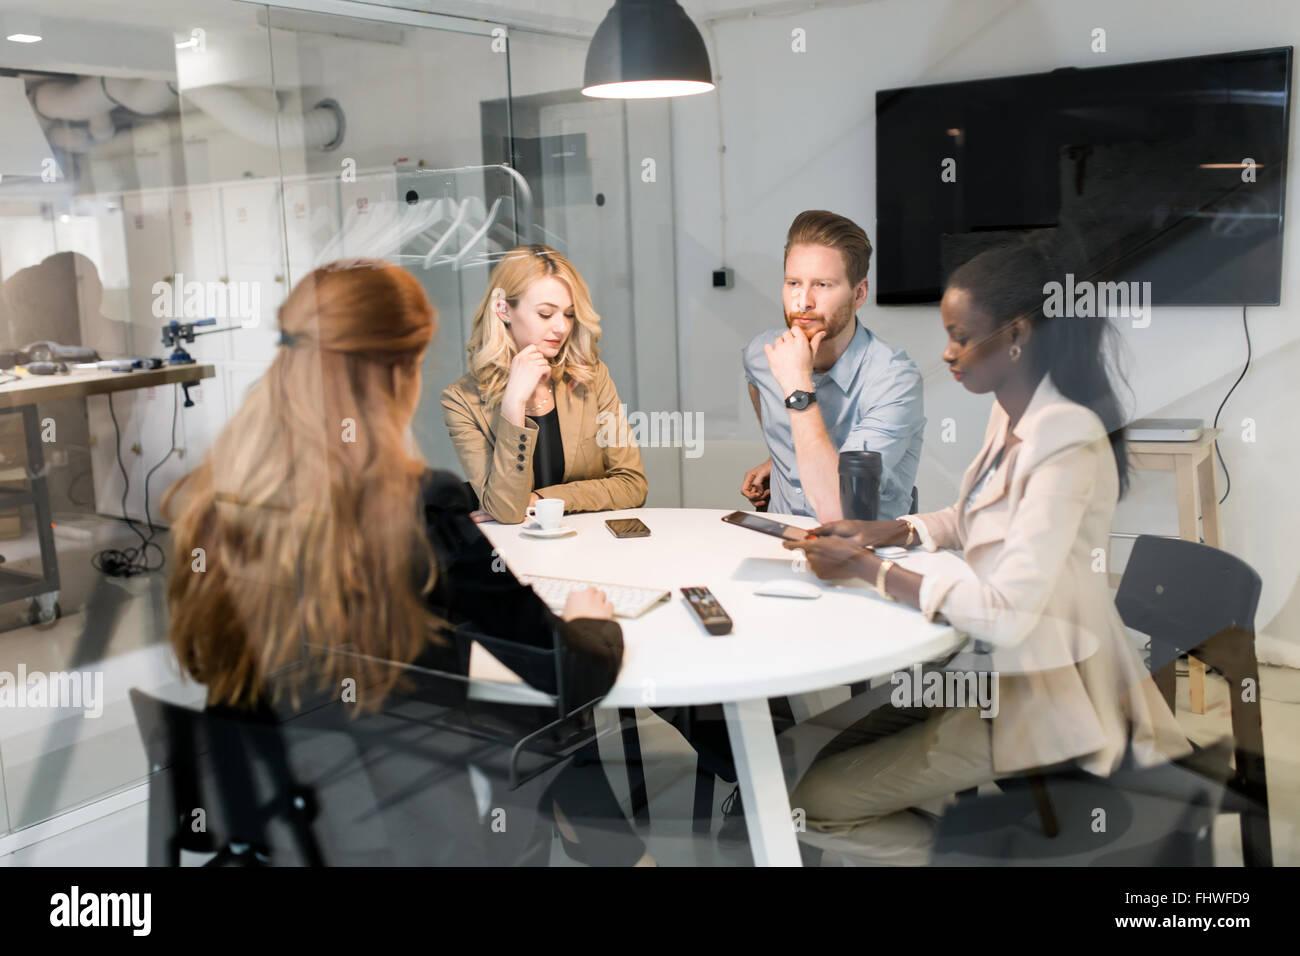 Gente de negocios reunión del Consejo en la oficina moderna mientras están sentados en la mesa redonda Imagen De Stock